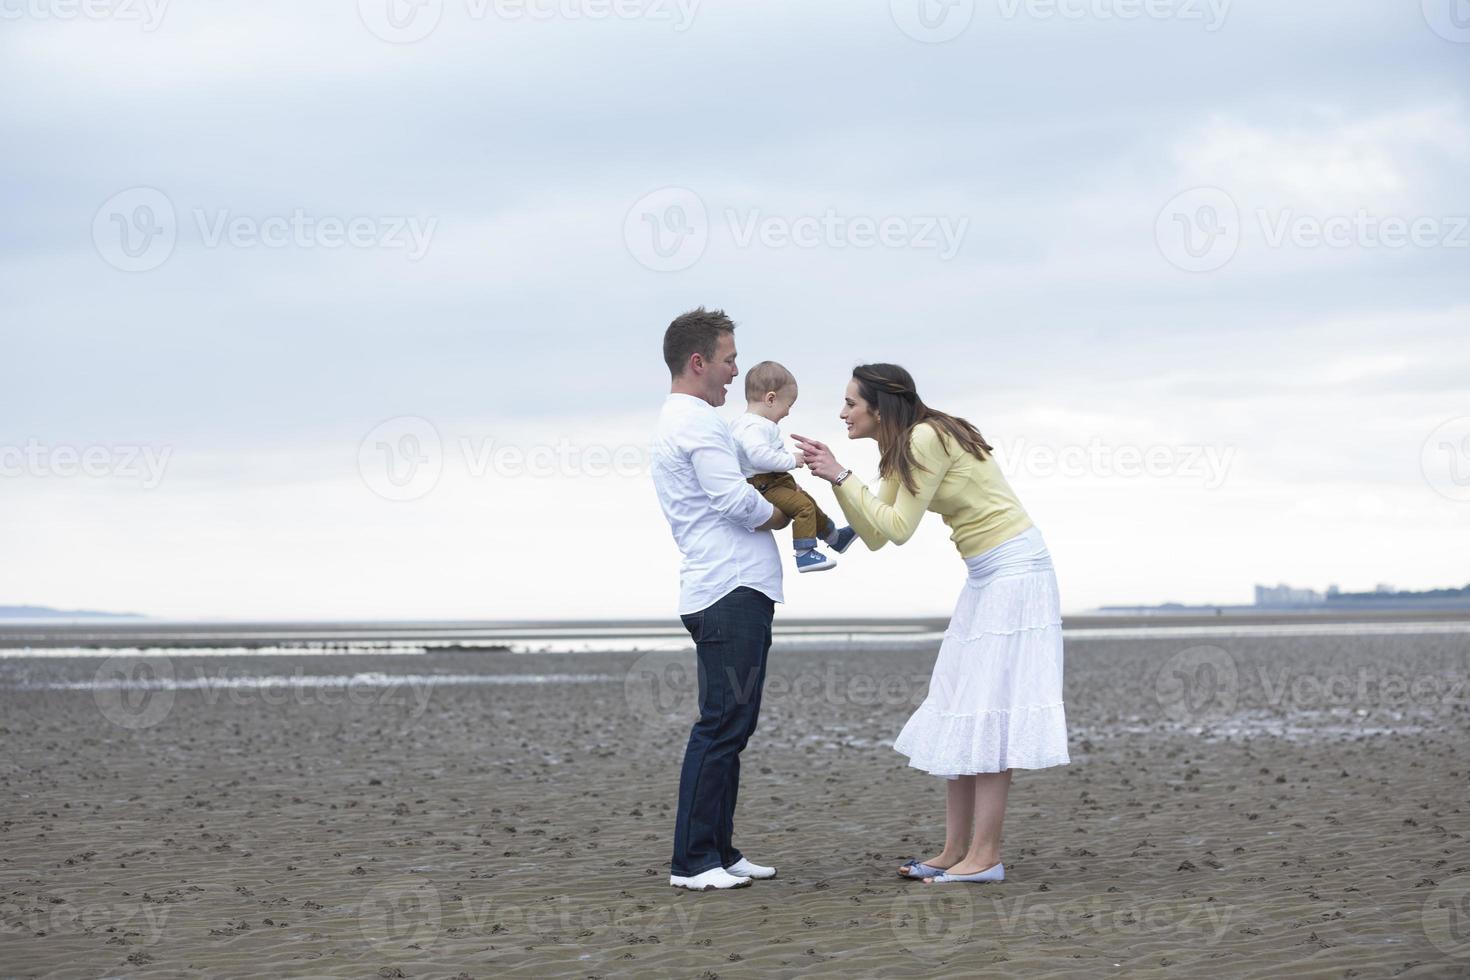 jeune famille ensemble sur la plage. photo